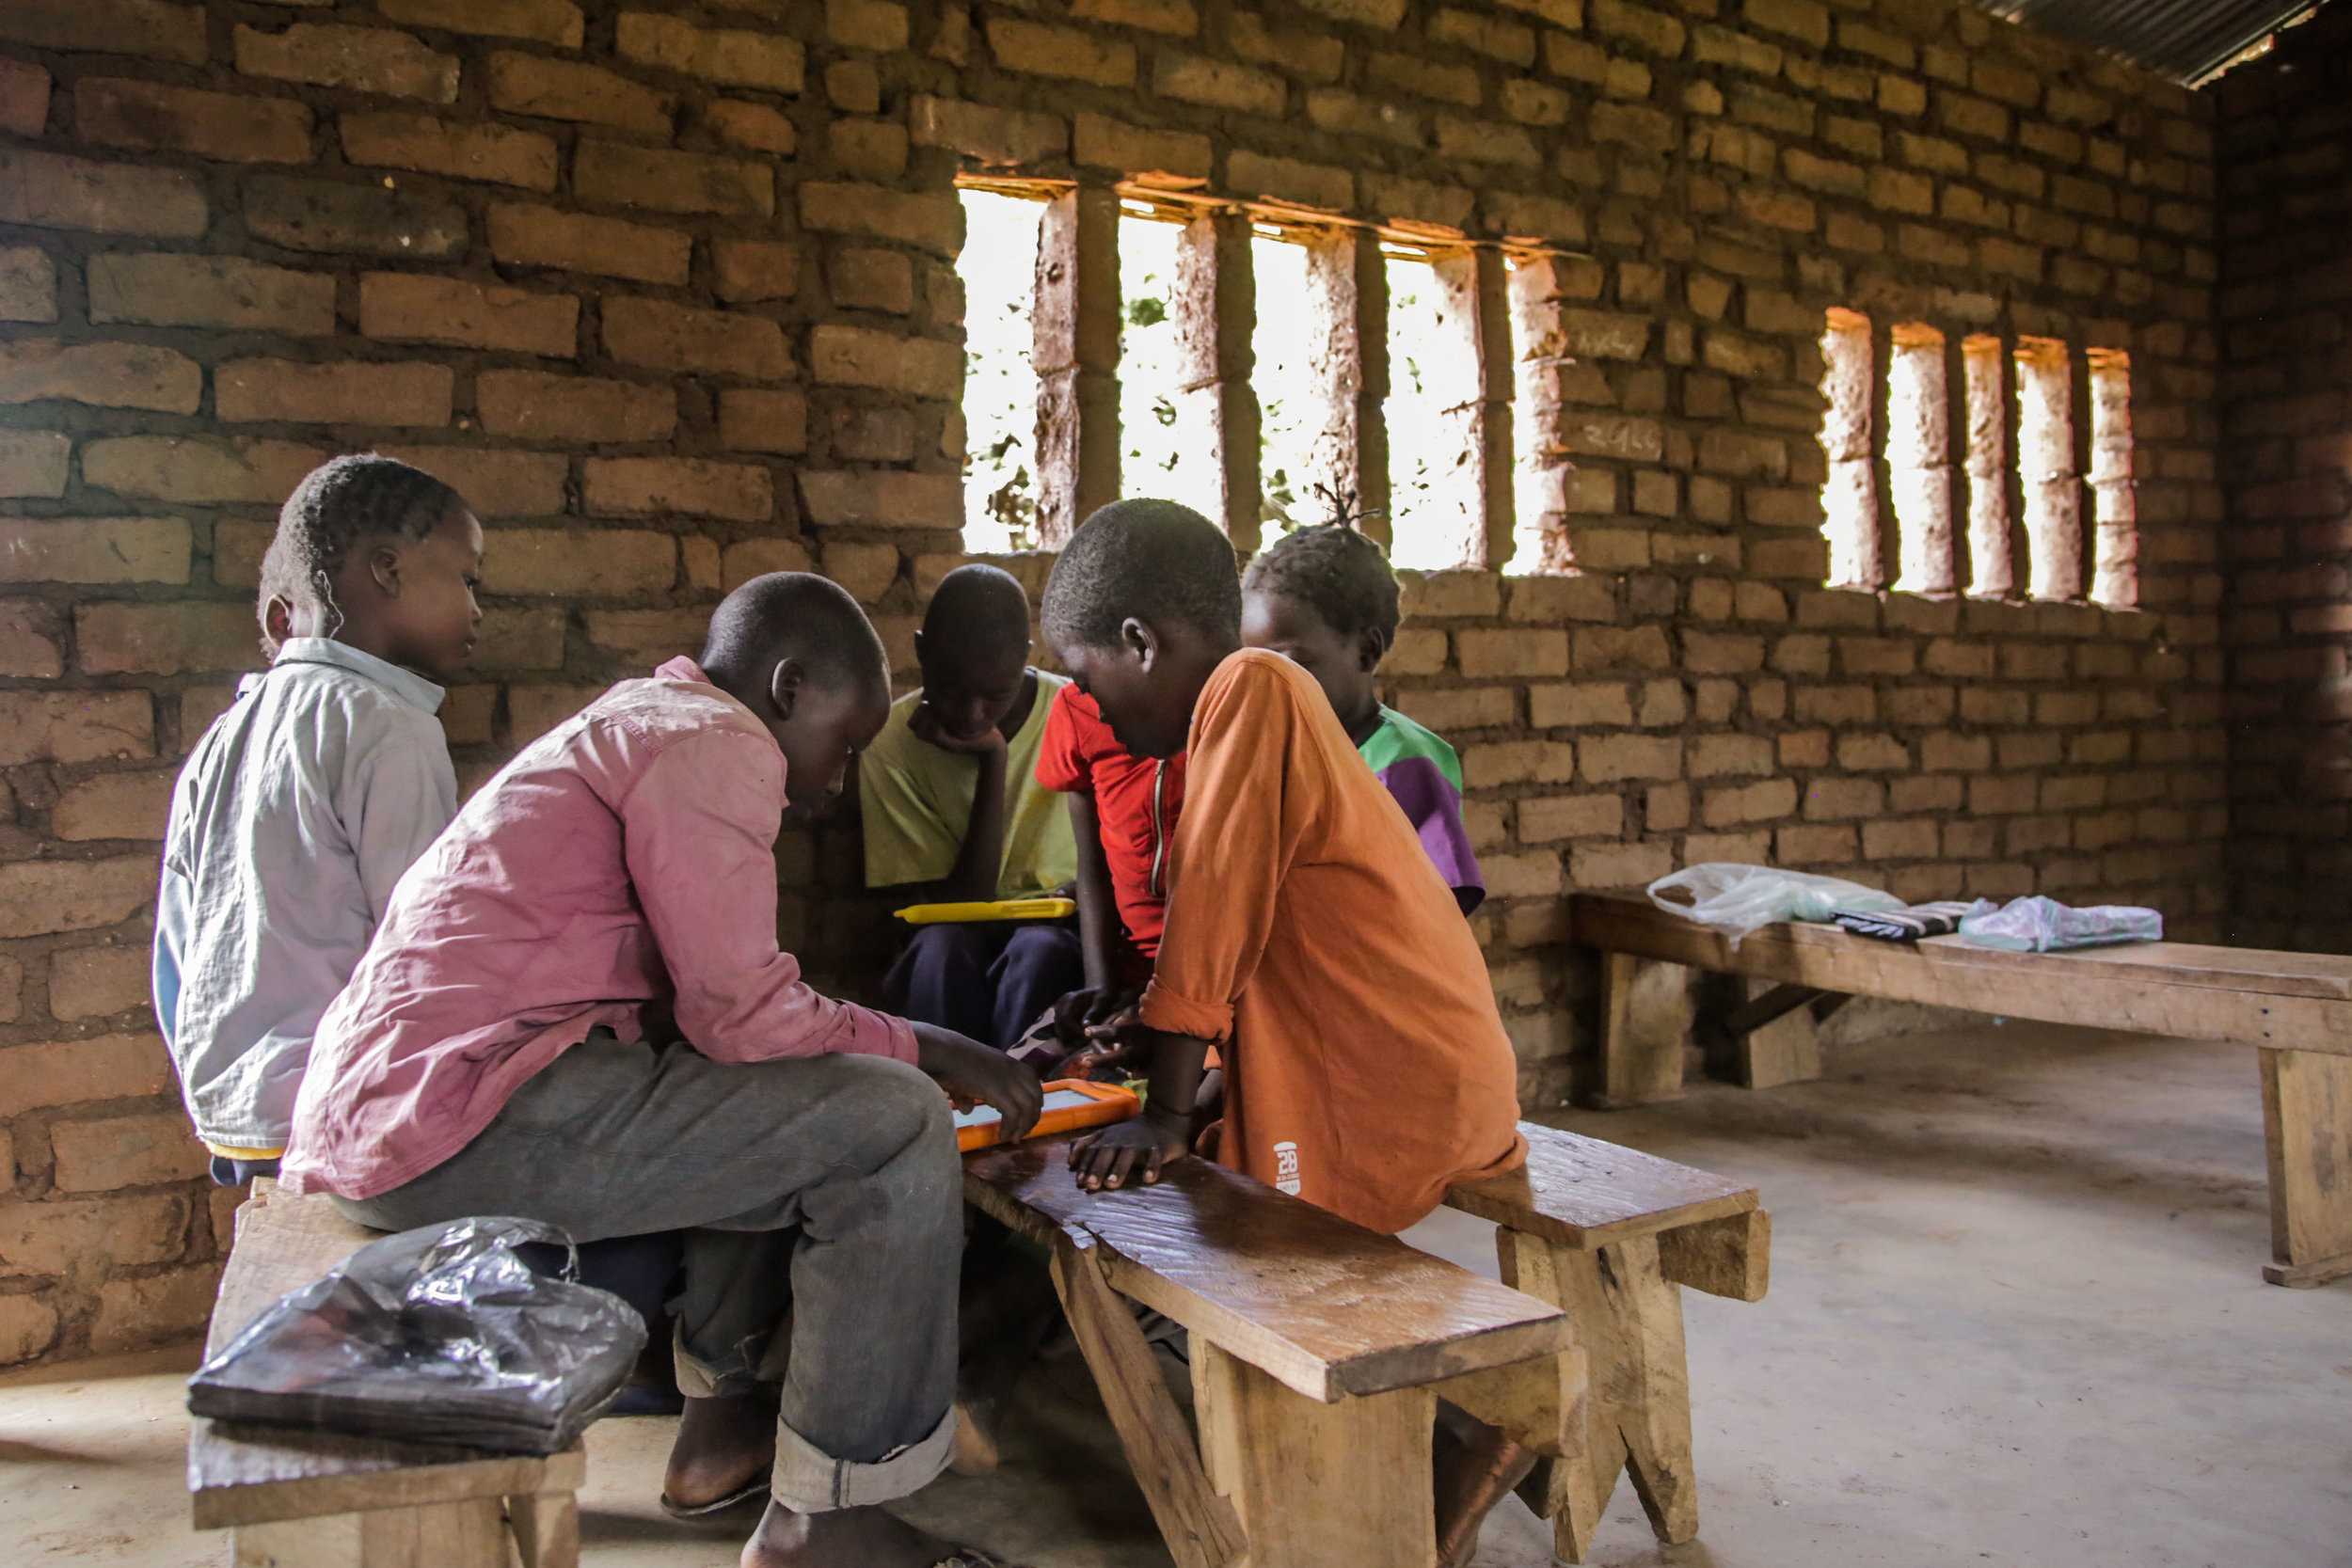 20150128_KU_Impact Network_Zambia_021.jpg